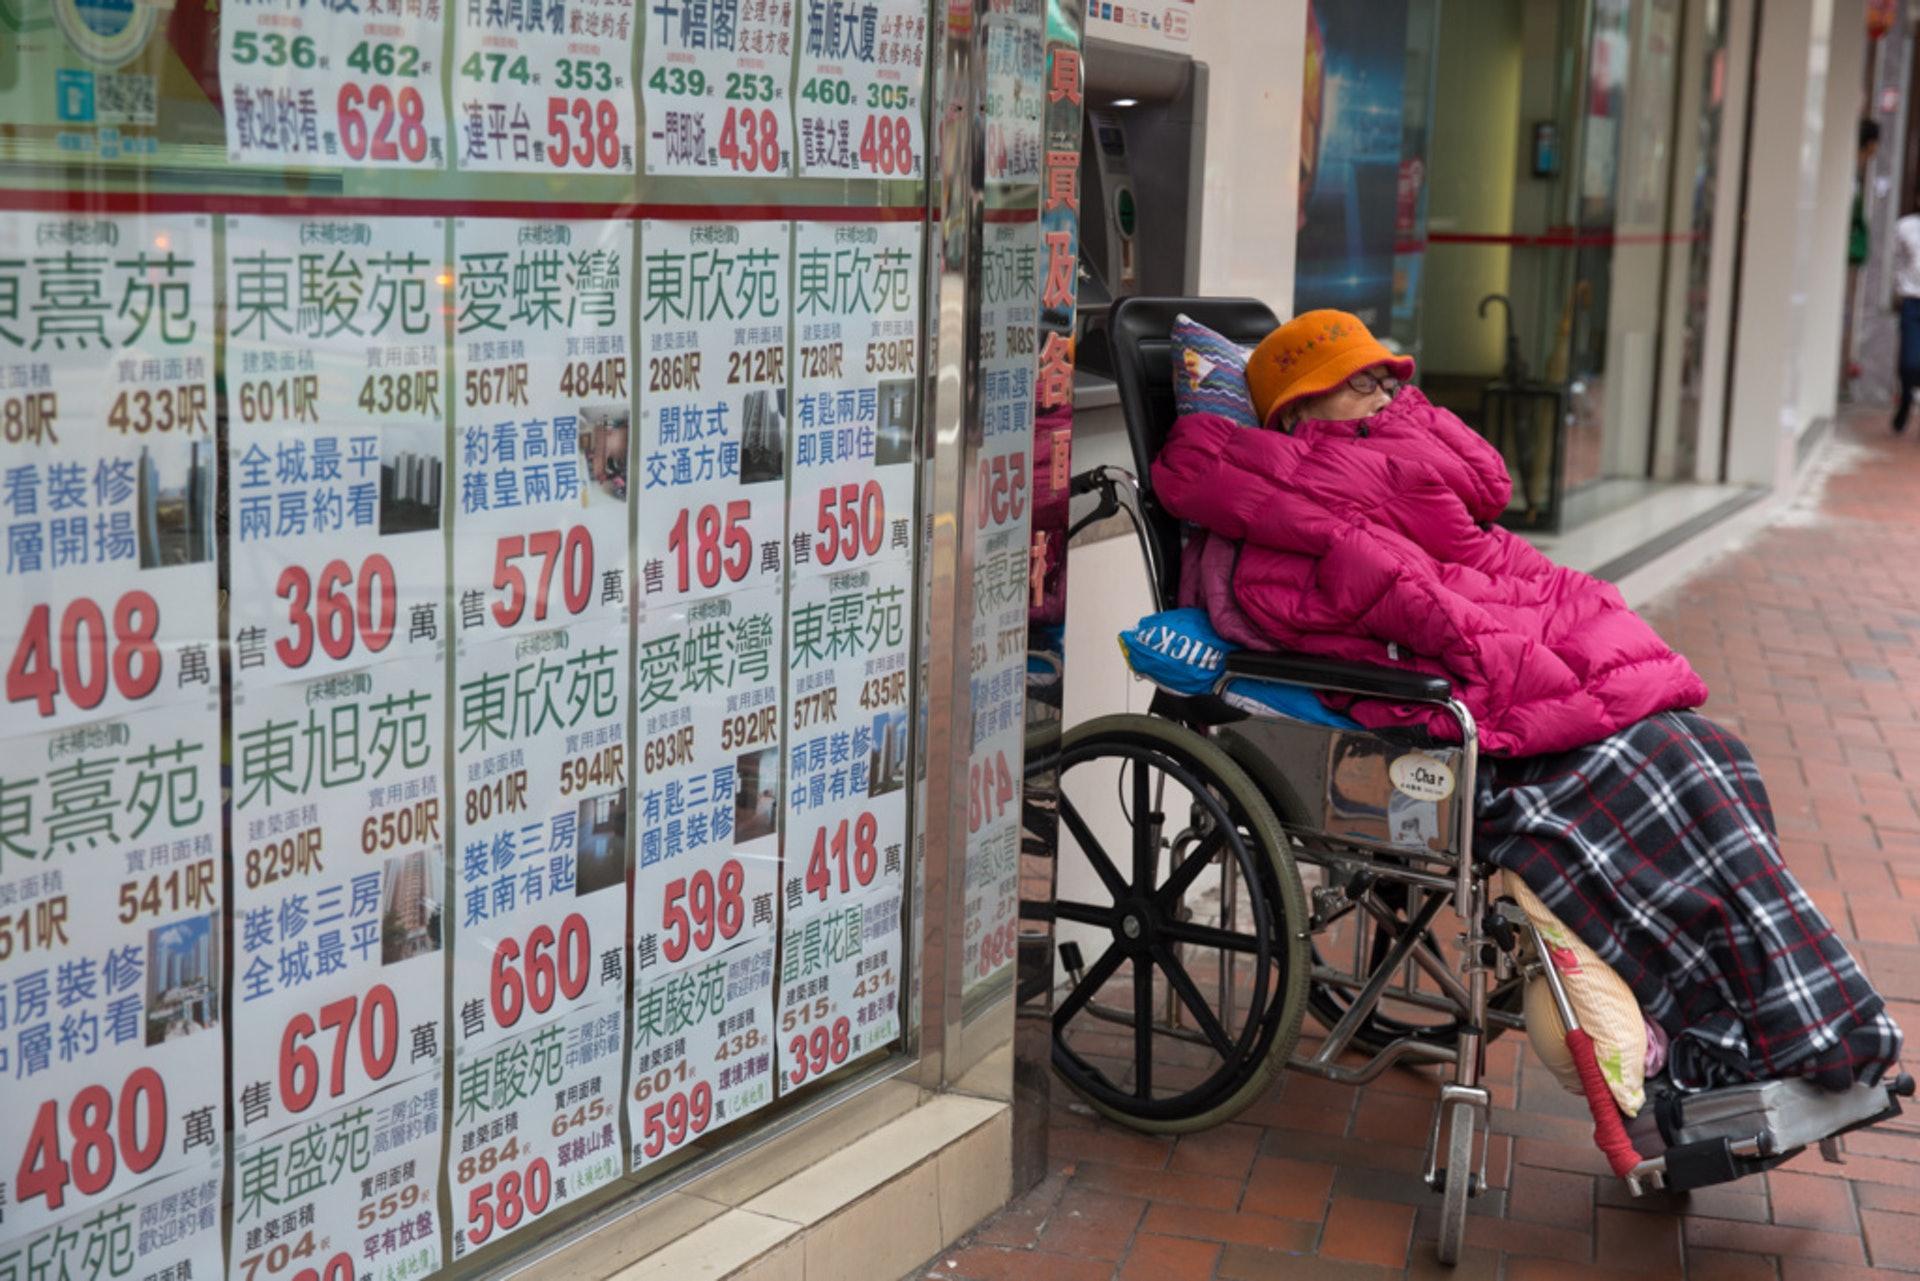 香港社會面臨人口及樓宇的「雙老化」,房協未來工作重點亦會側重於此兩方面。(林若勤攝)